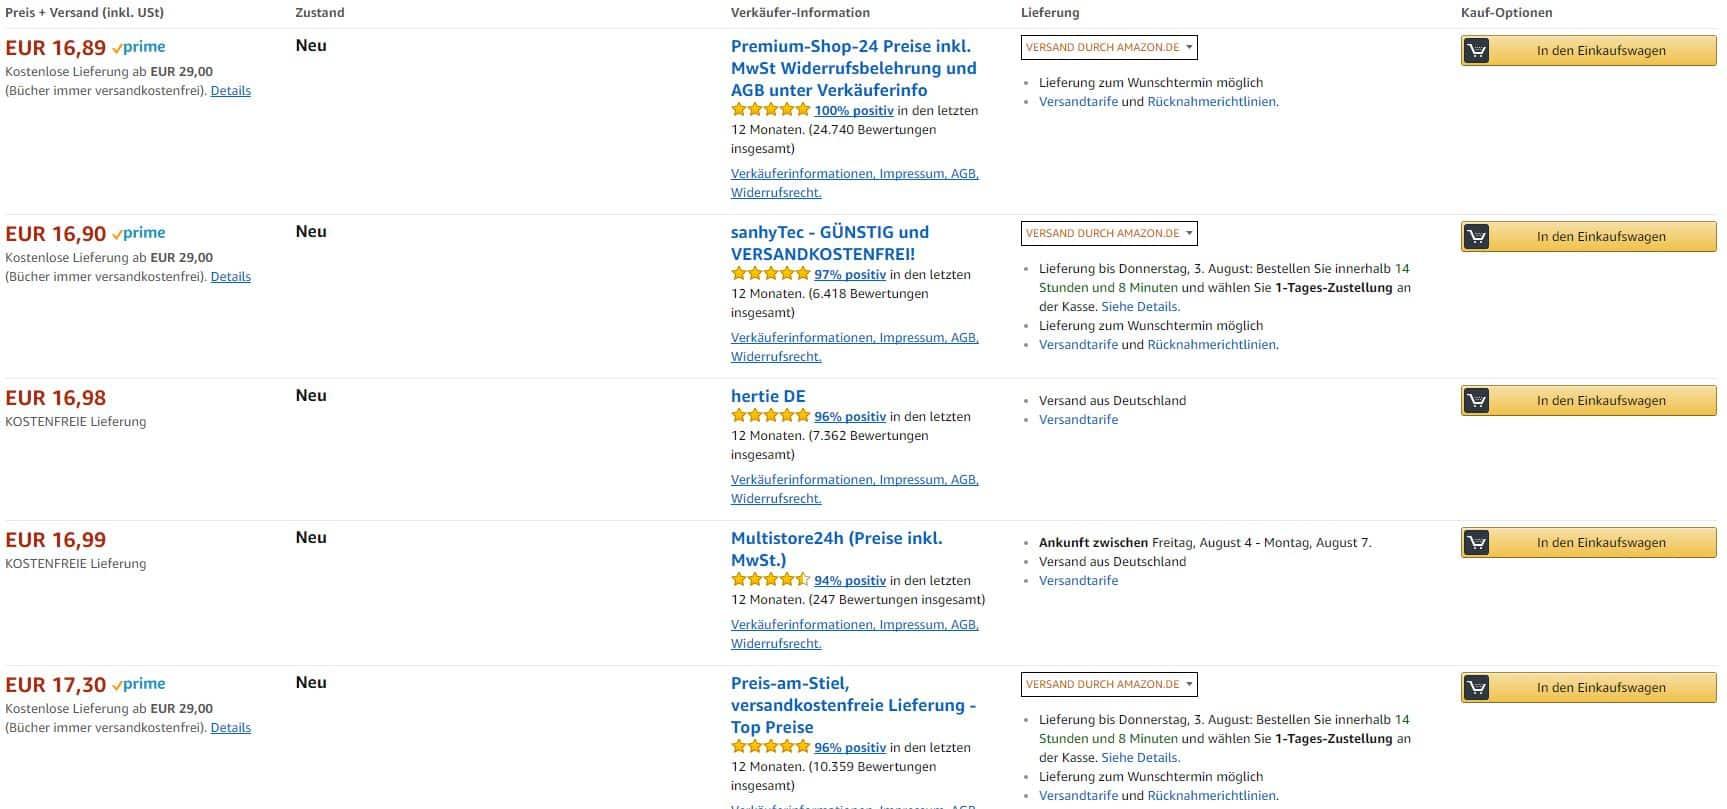 Die Amazon BuyBox ist von verschiedensten Faktoren abhängig...